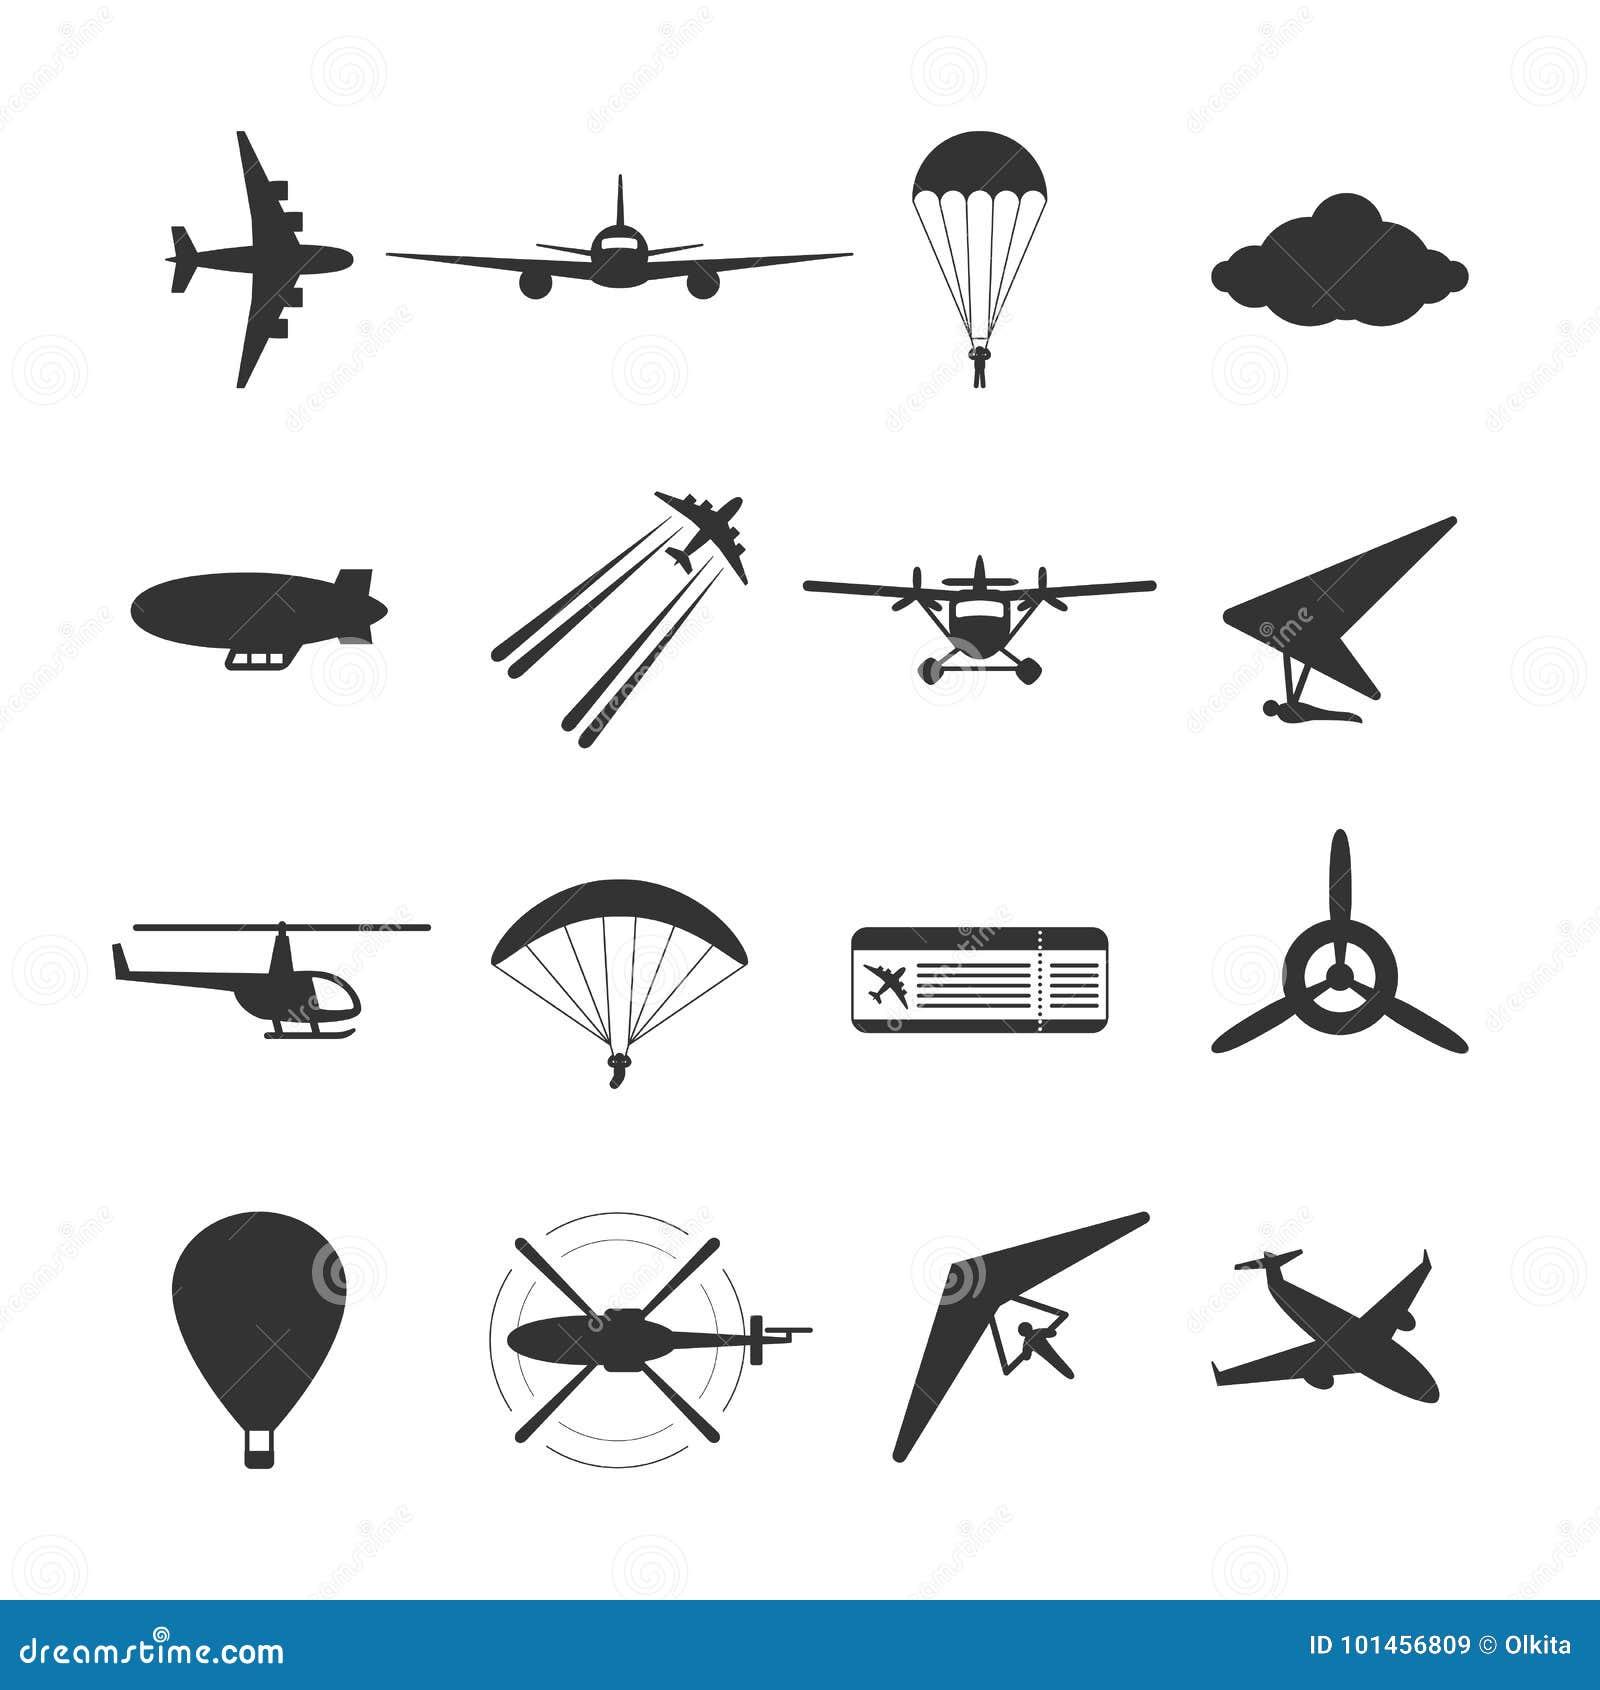 De zwarte isoleerde silhouet van hydroplane, vliegtuig, valscherm, helikopter, propeller, dirigible deltavlieger, paraglide, ball